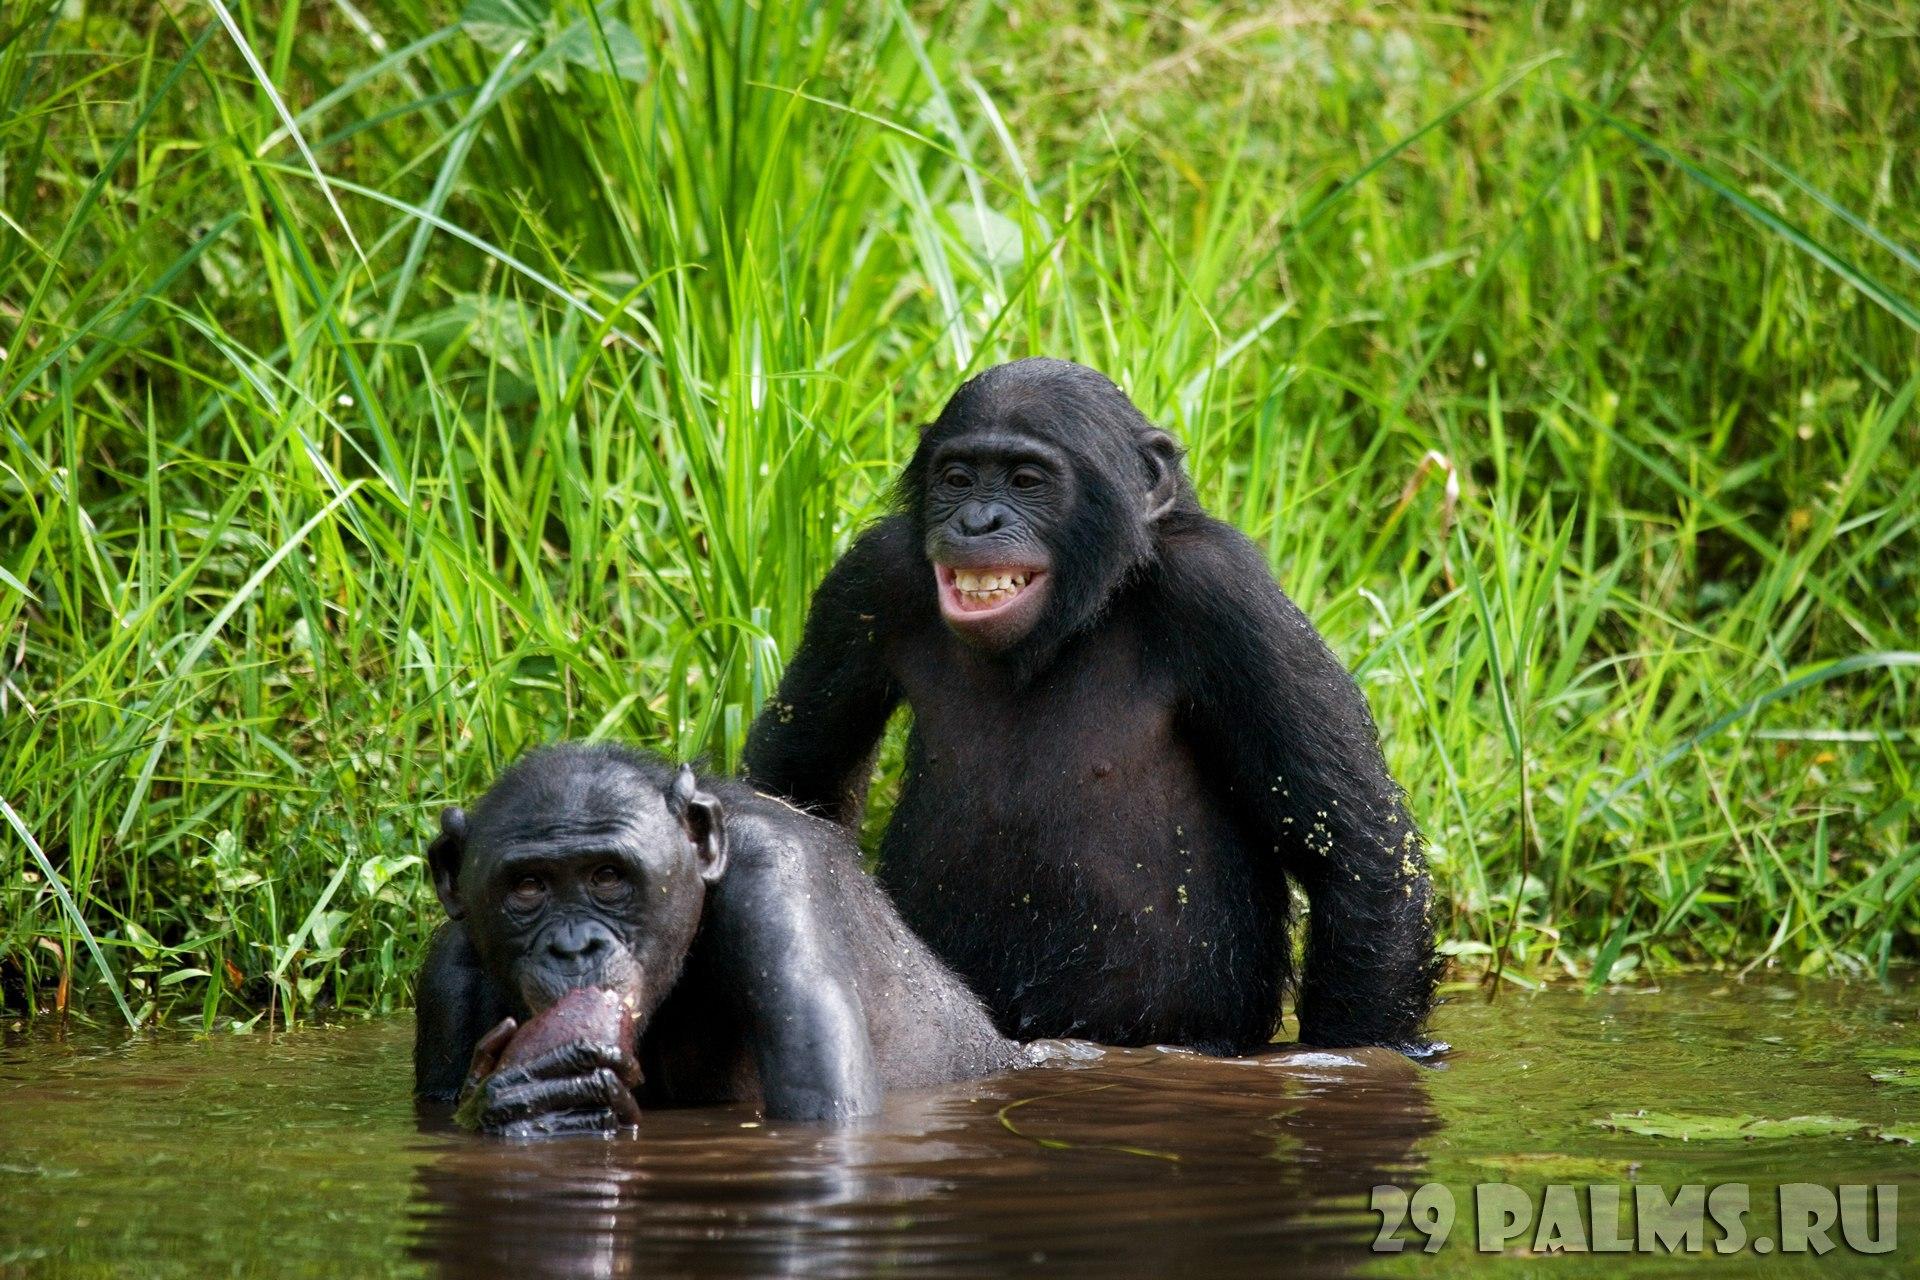 Порода обезьян которые занимаются сексом